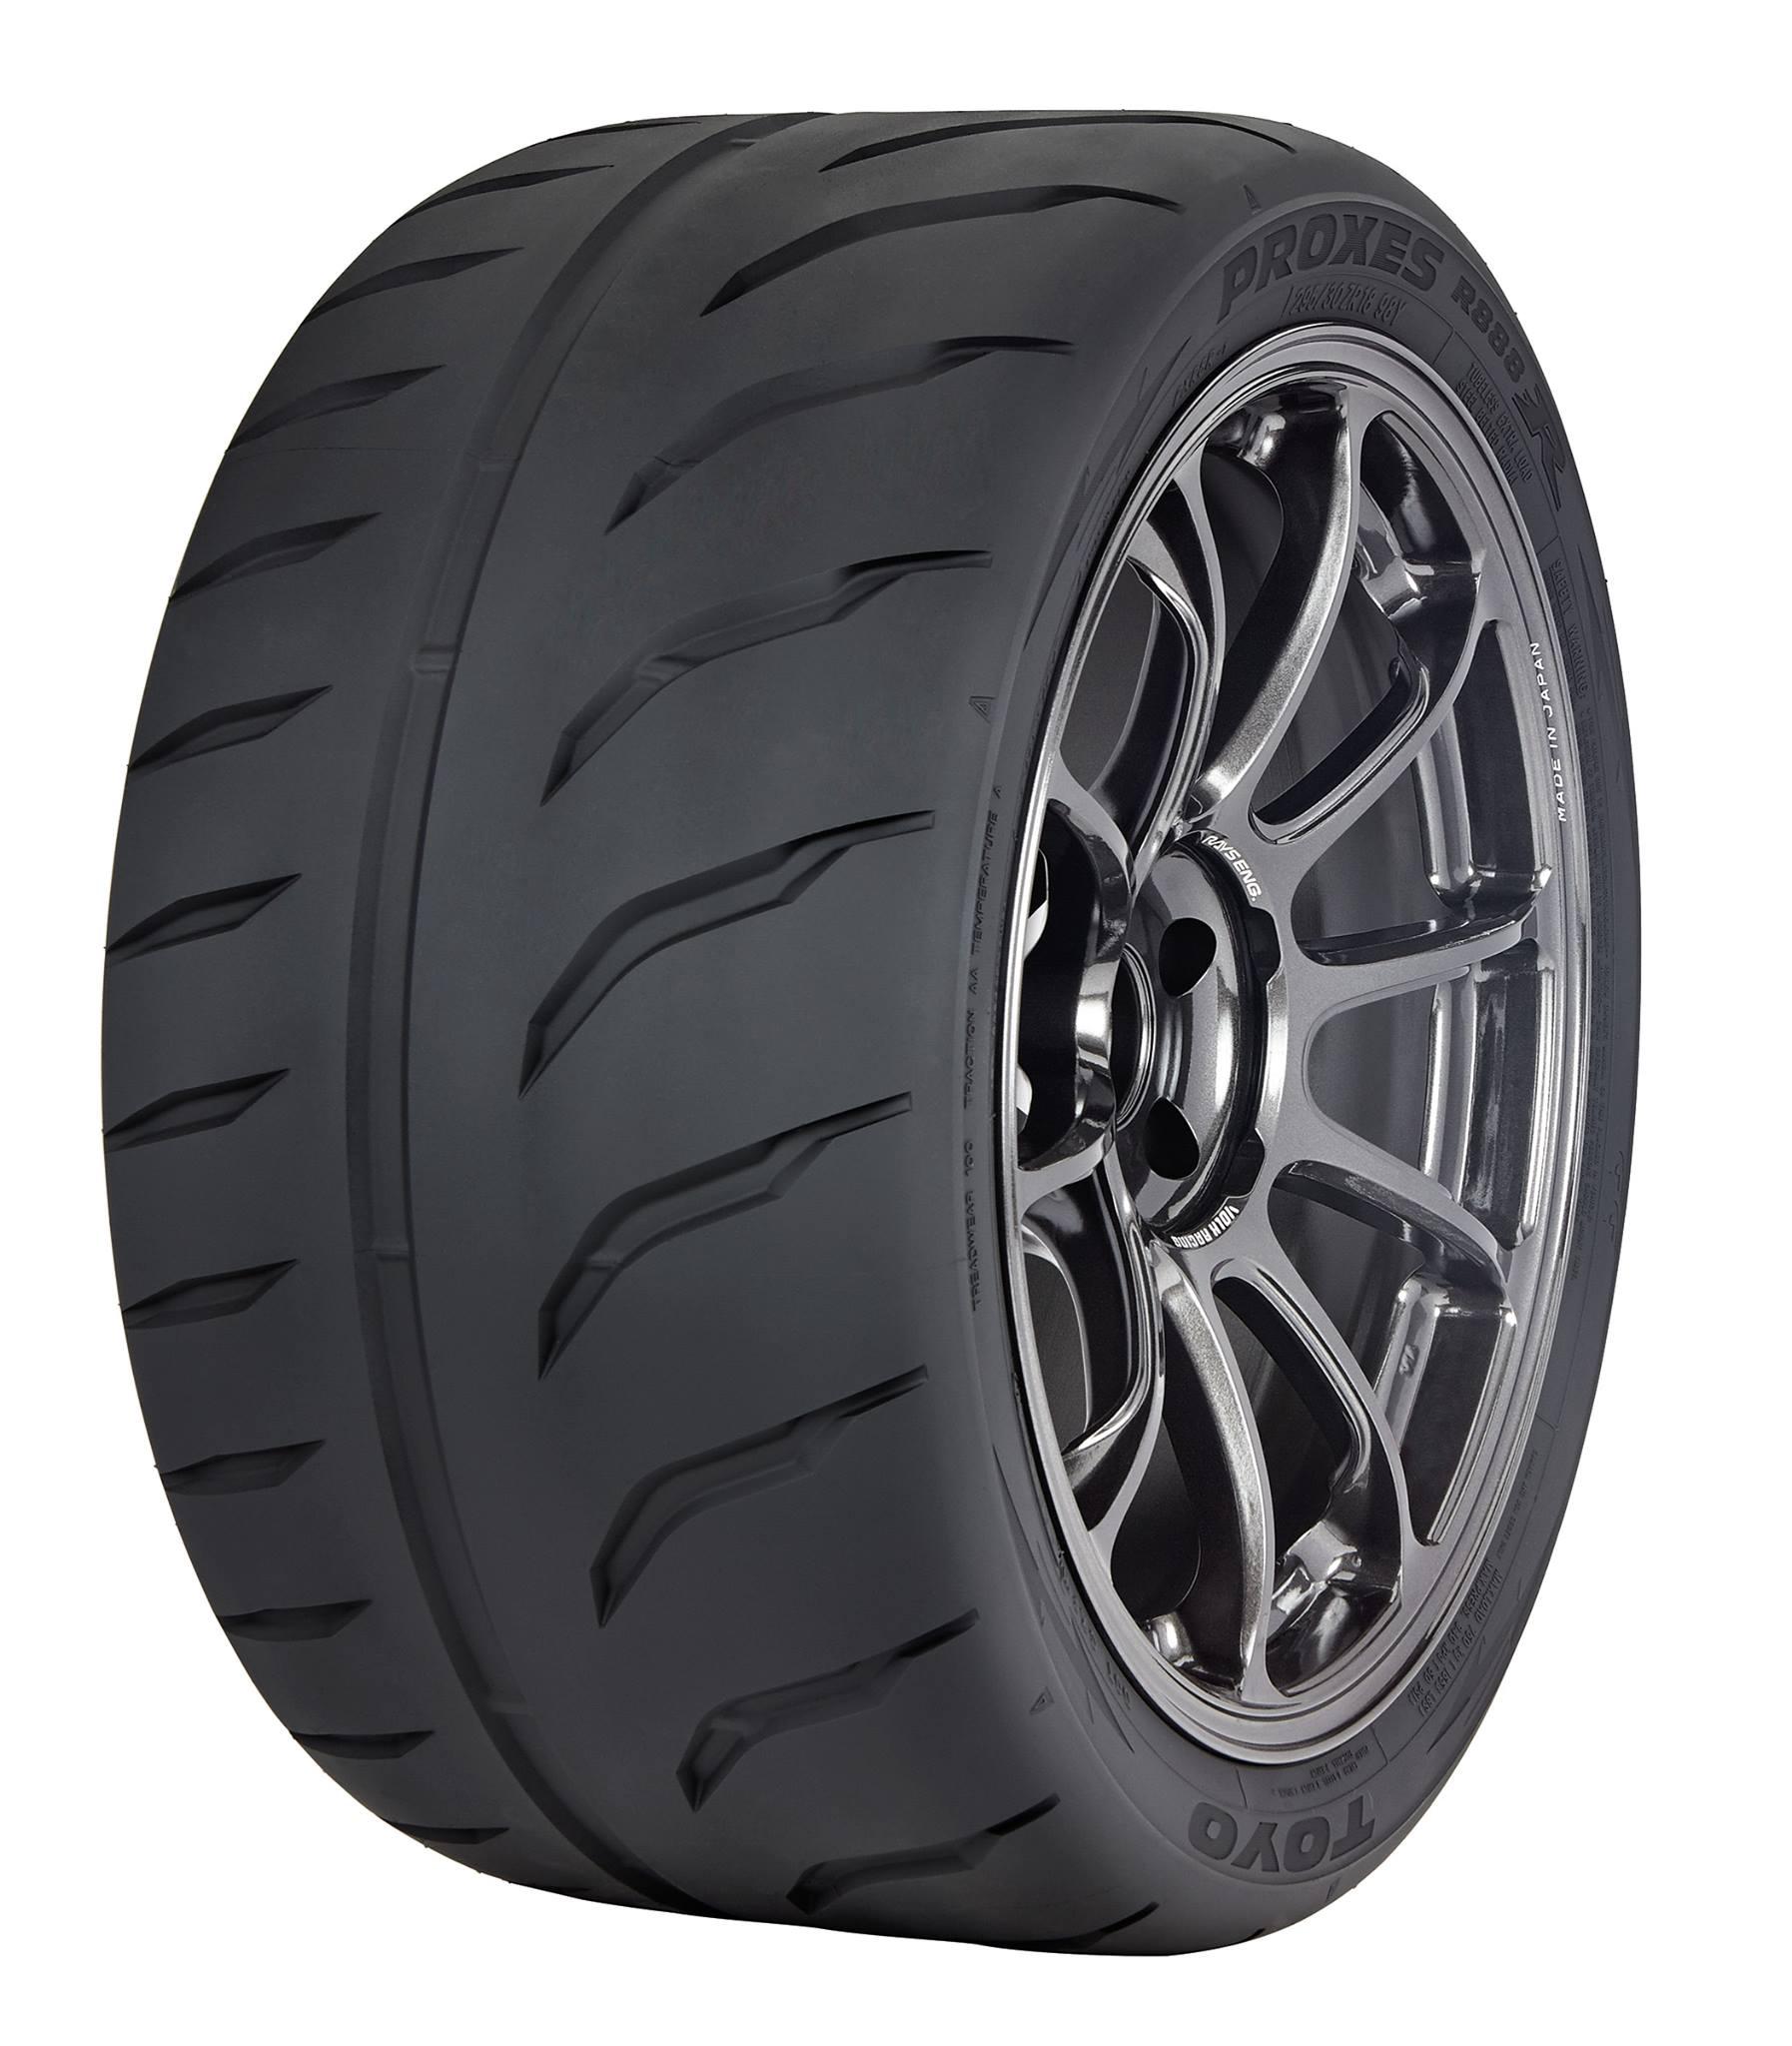 Toyo Proxes R888 >> Toyo launches R888R with Ken Block's Climbkhana - Zen Garage